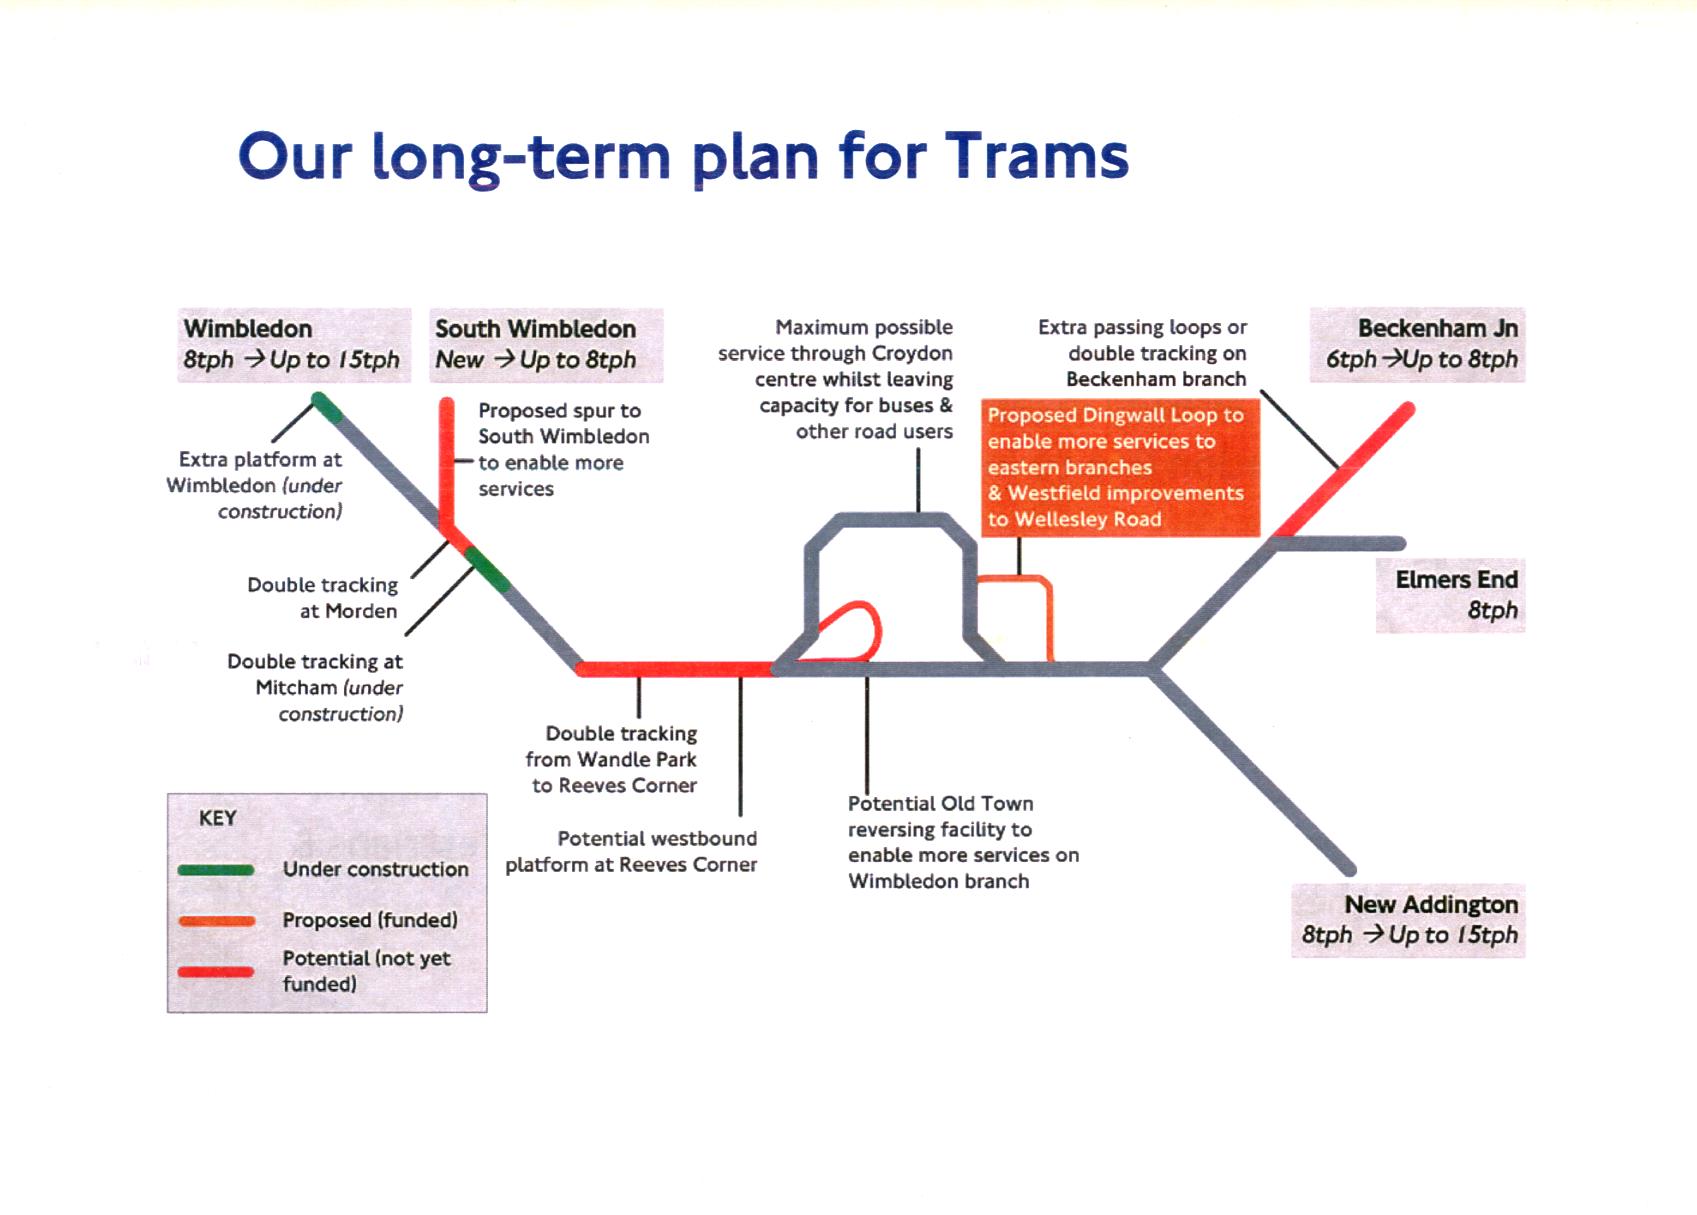 Tram loop to cost 25m as Boris panders to developers Inside Croydon